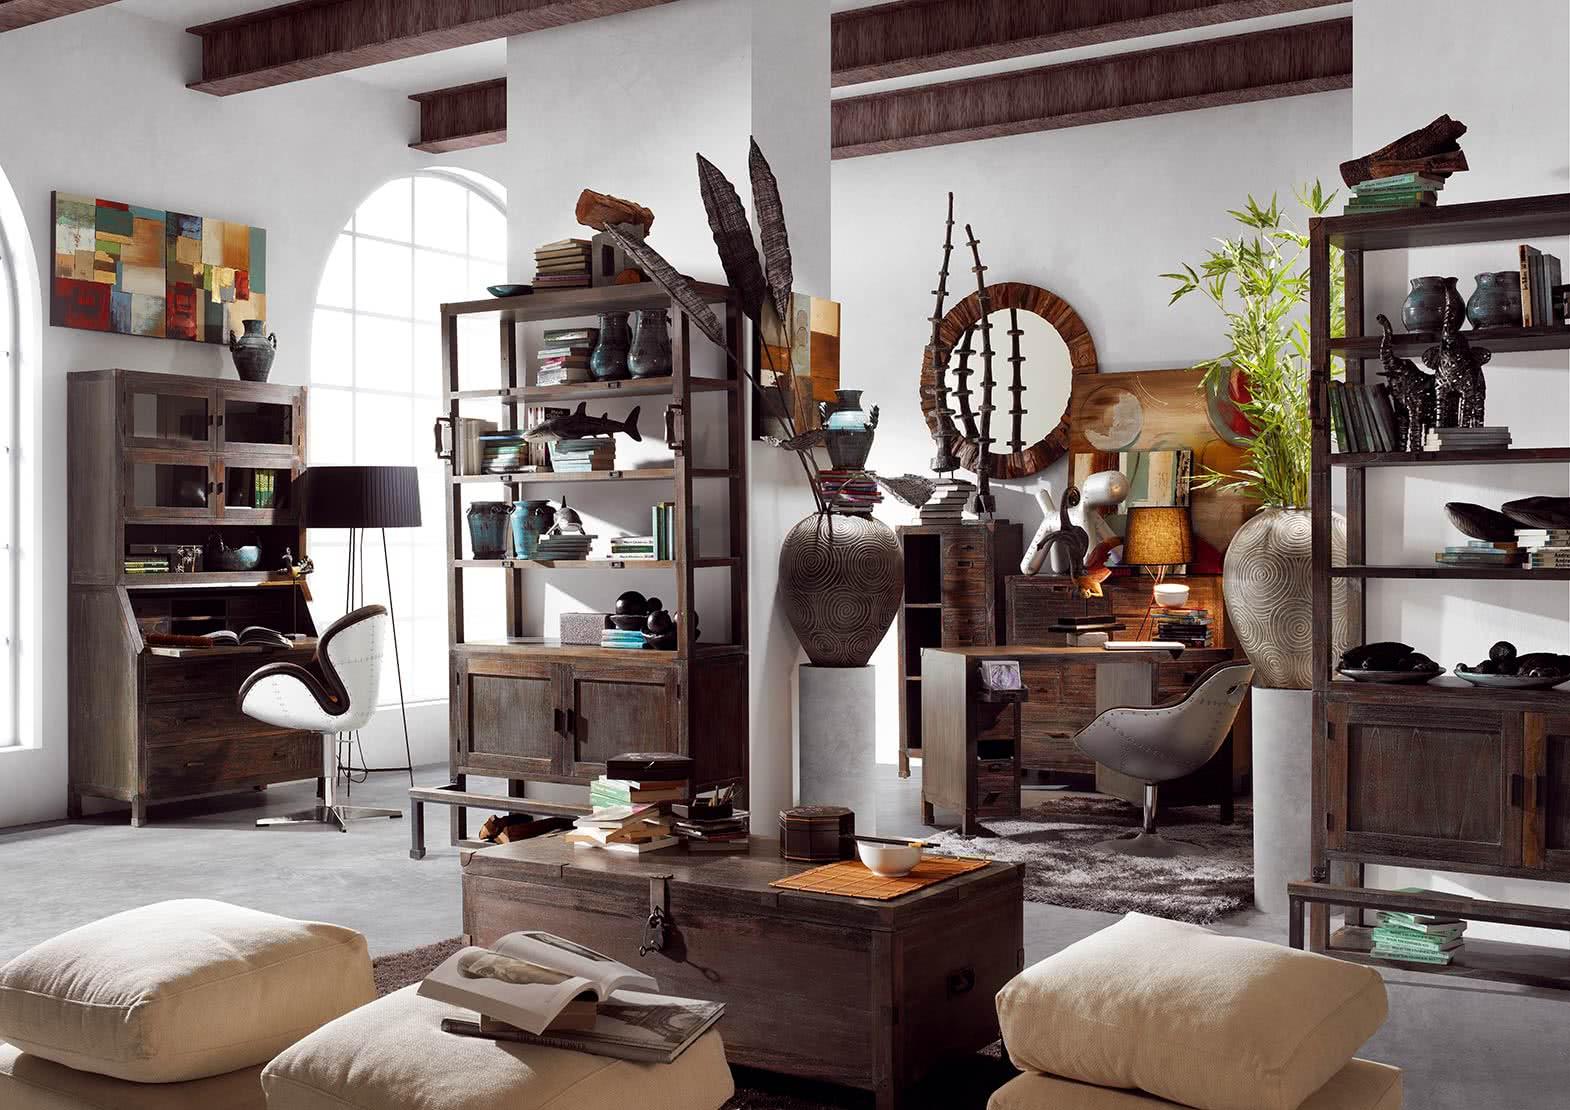 Meubles en bois et métal, le style industriel, jader